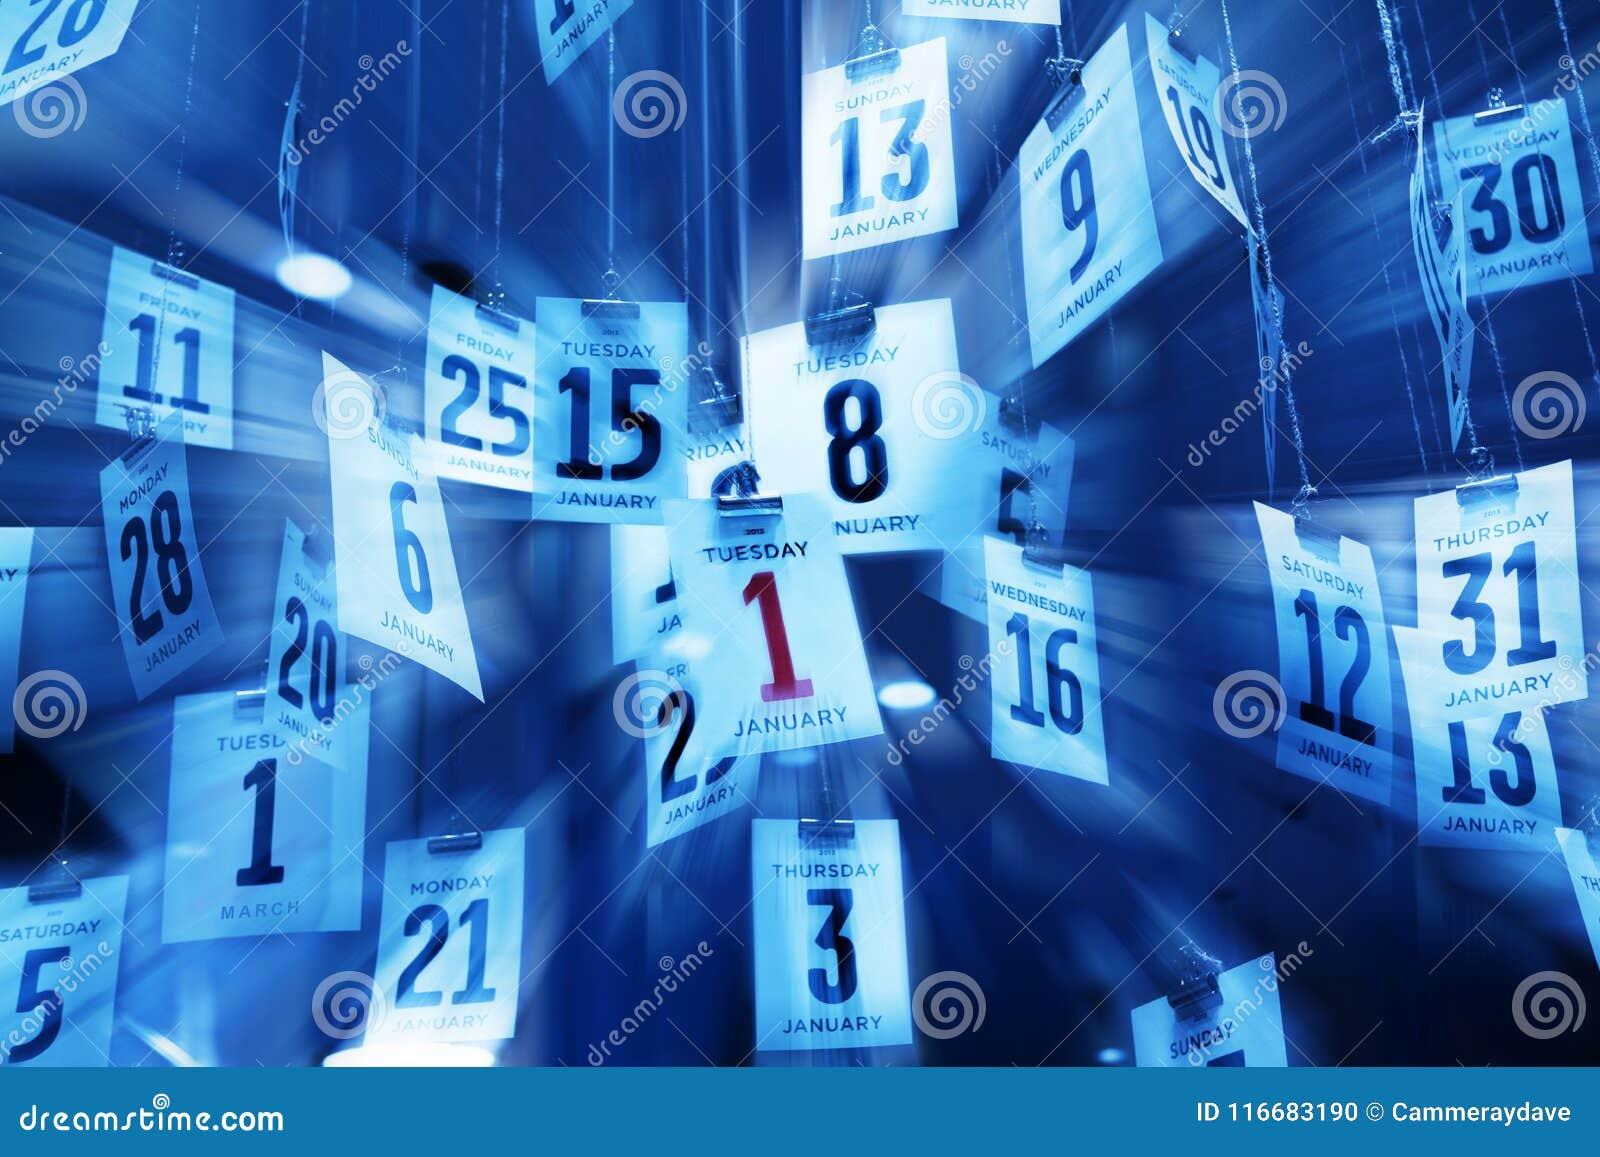 Zeit Kalender Hintergrund Zusammenfassung Stockfoto Bild Von